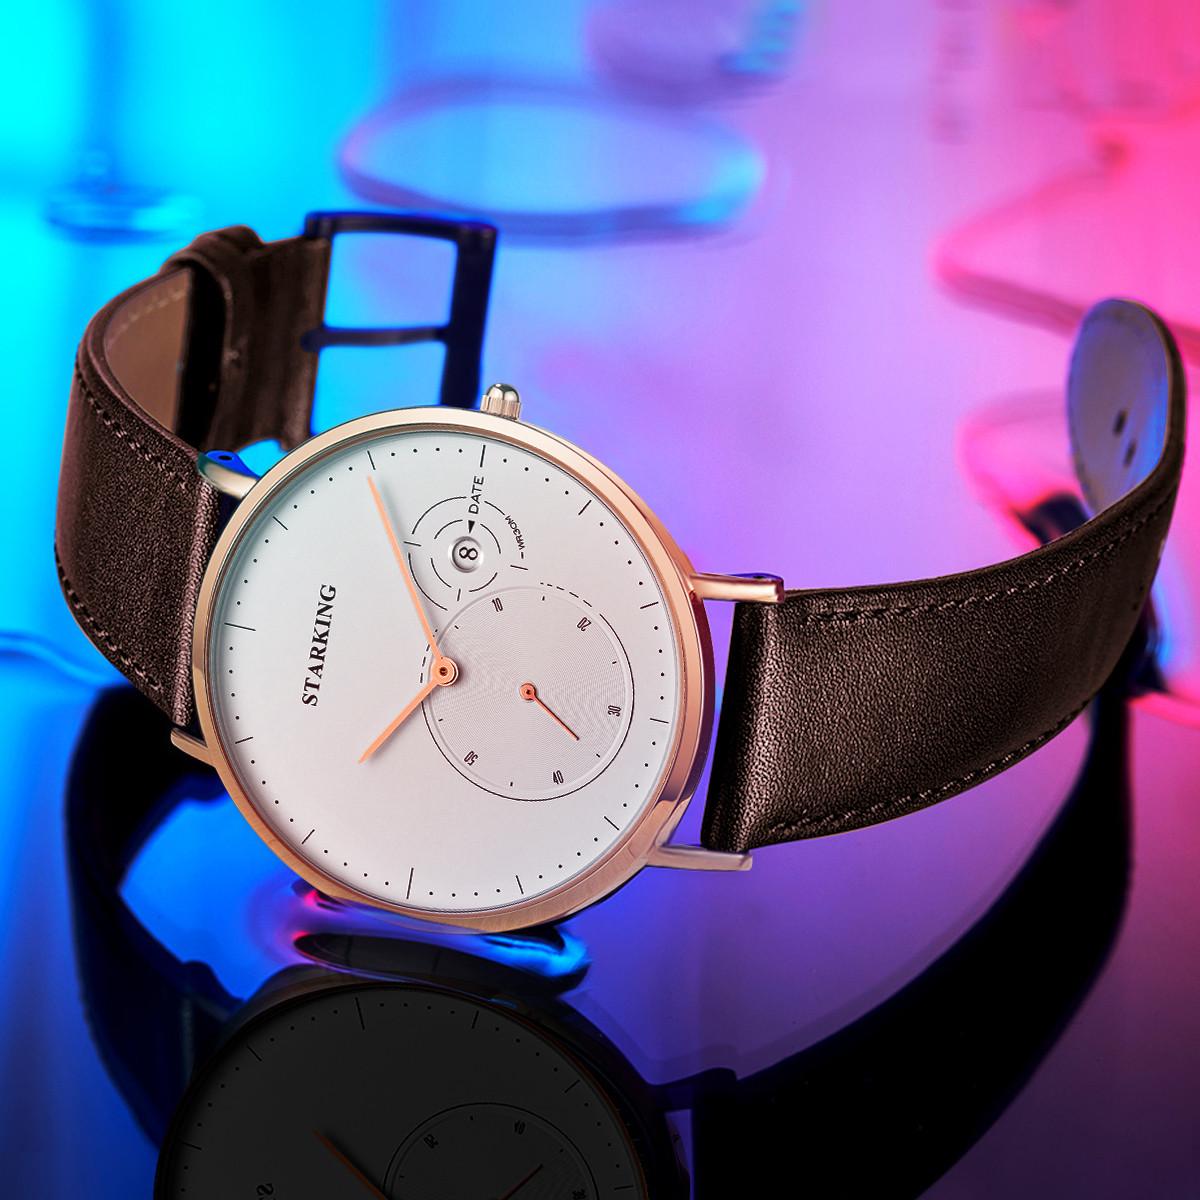 星皇星皇男士手表时尚休闲商务防水百搭经典超薄石英表男士手表TM0917RL91